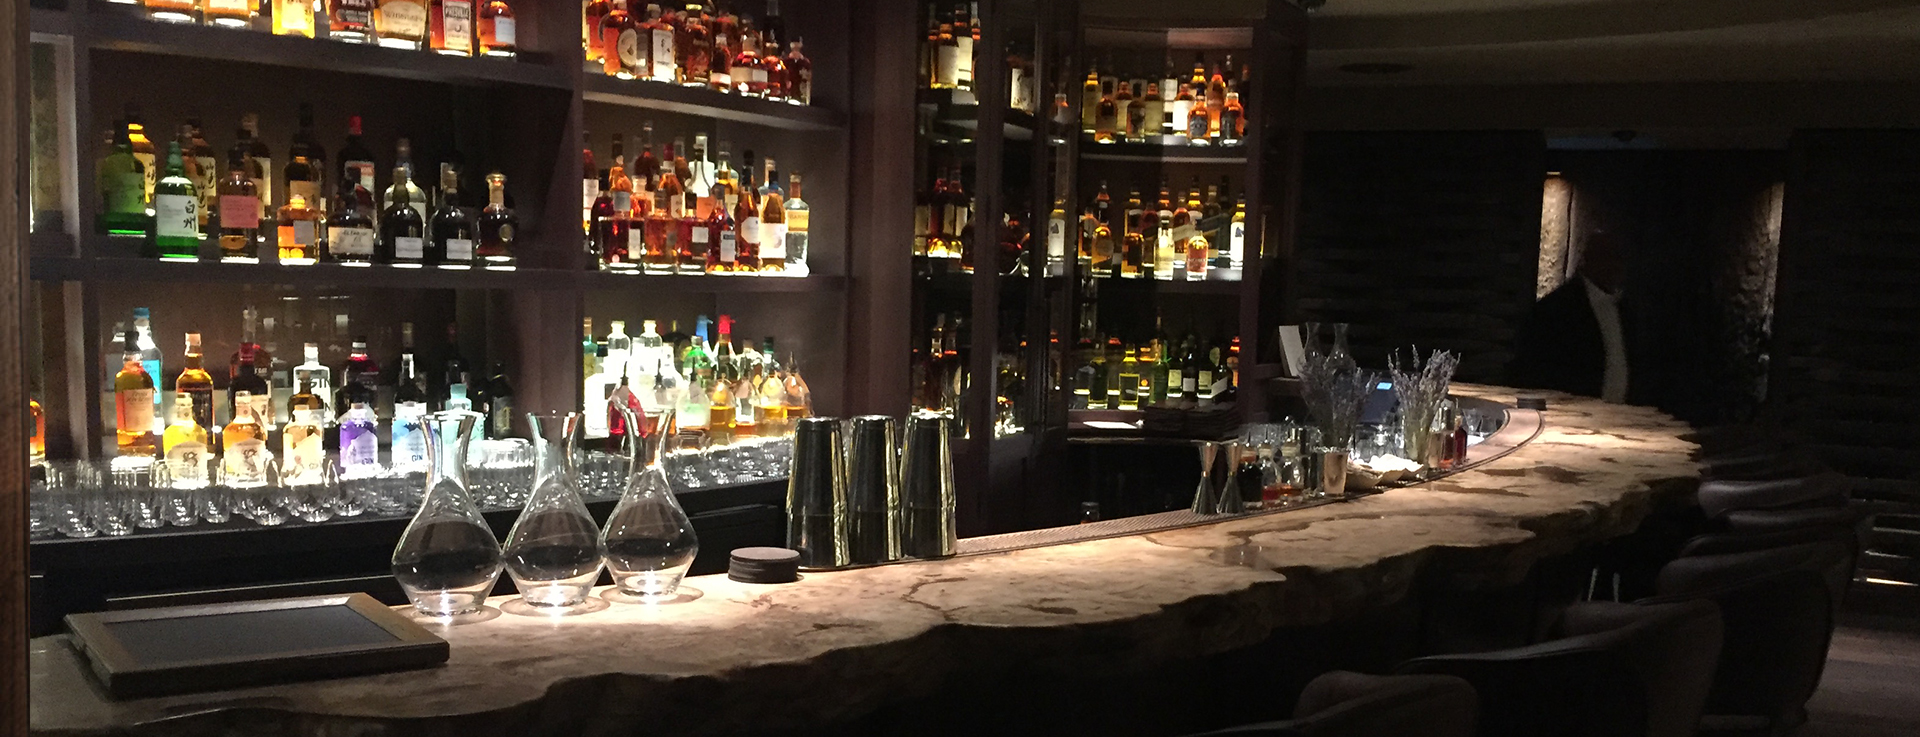 Hide-Restaurant-Interior-bar-craignarramore